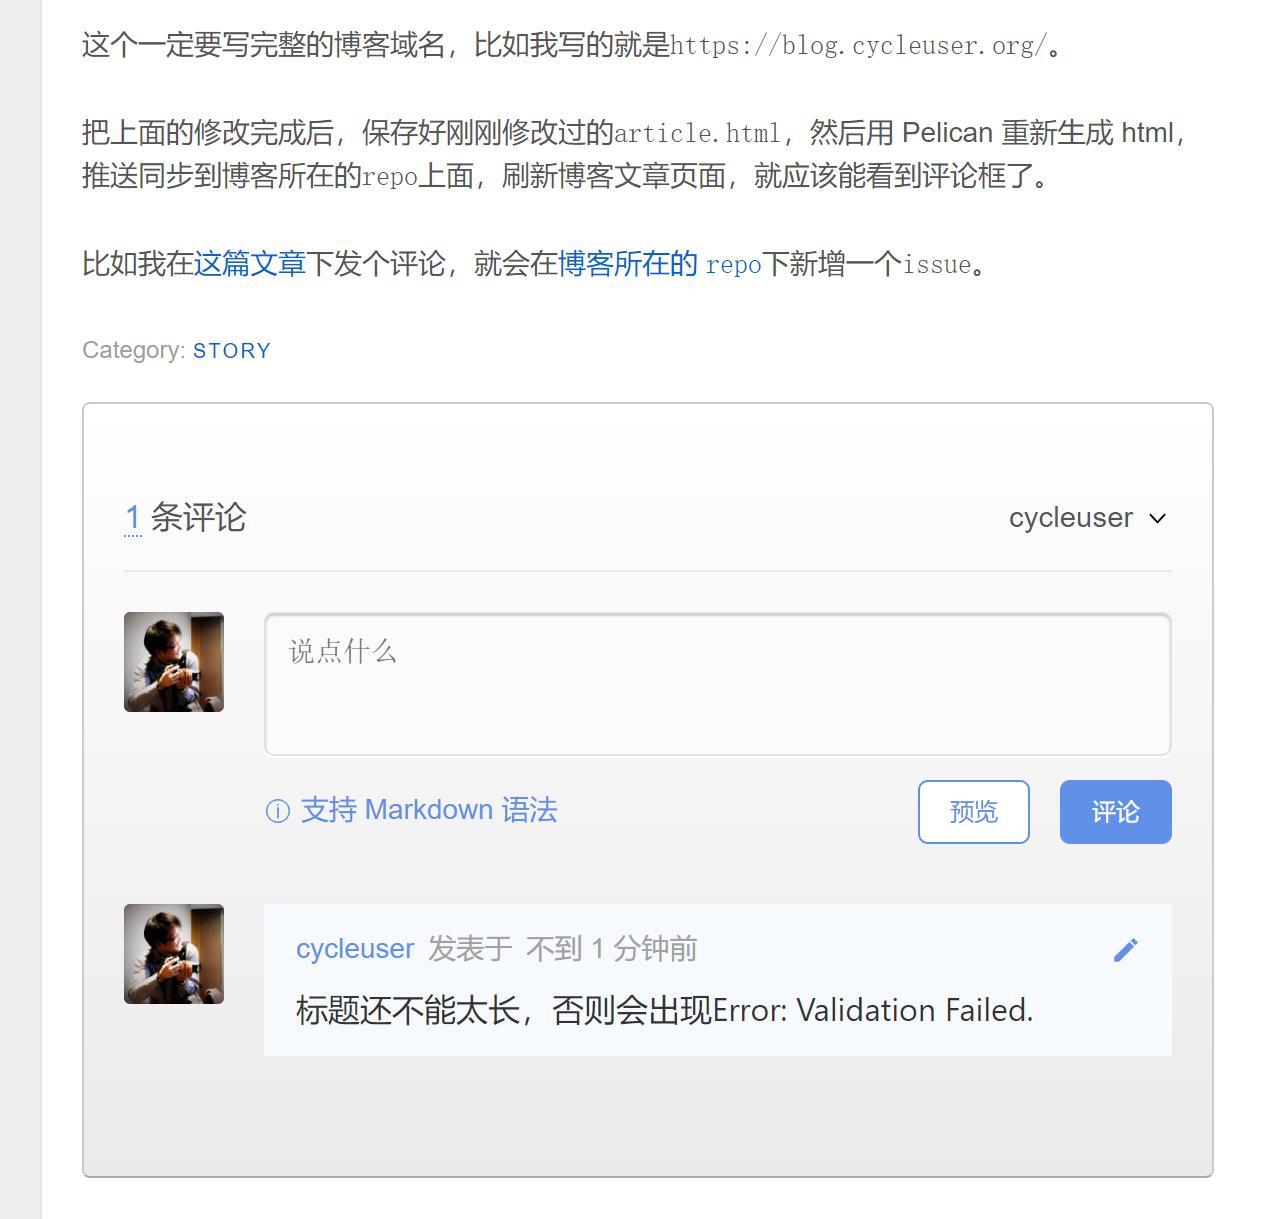 为 Pelican 博客添加 GitTalk 评论系统